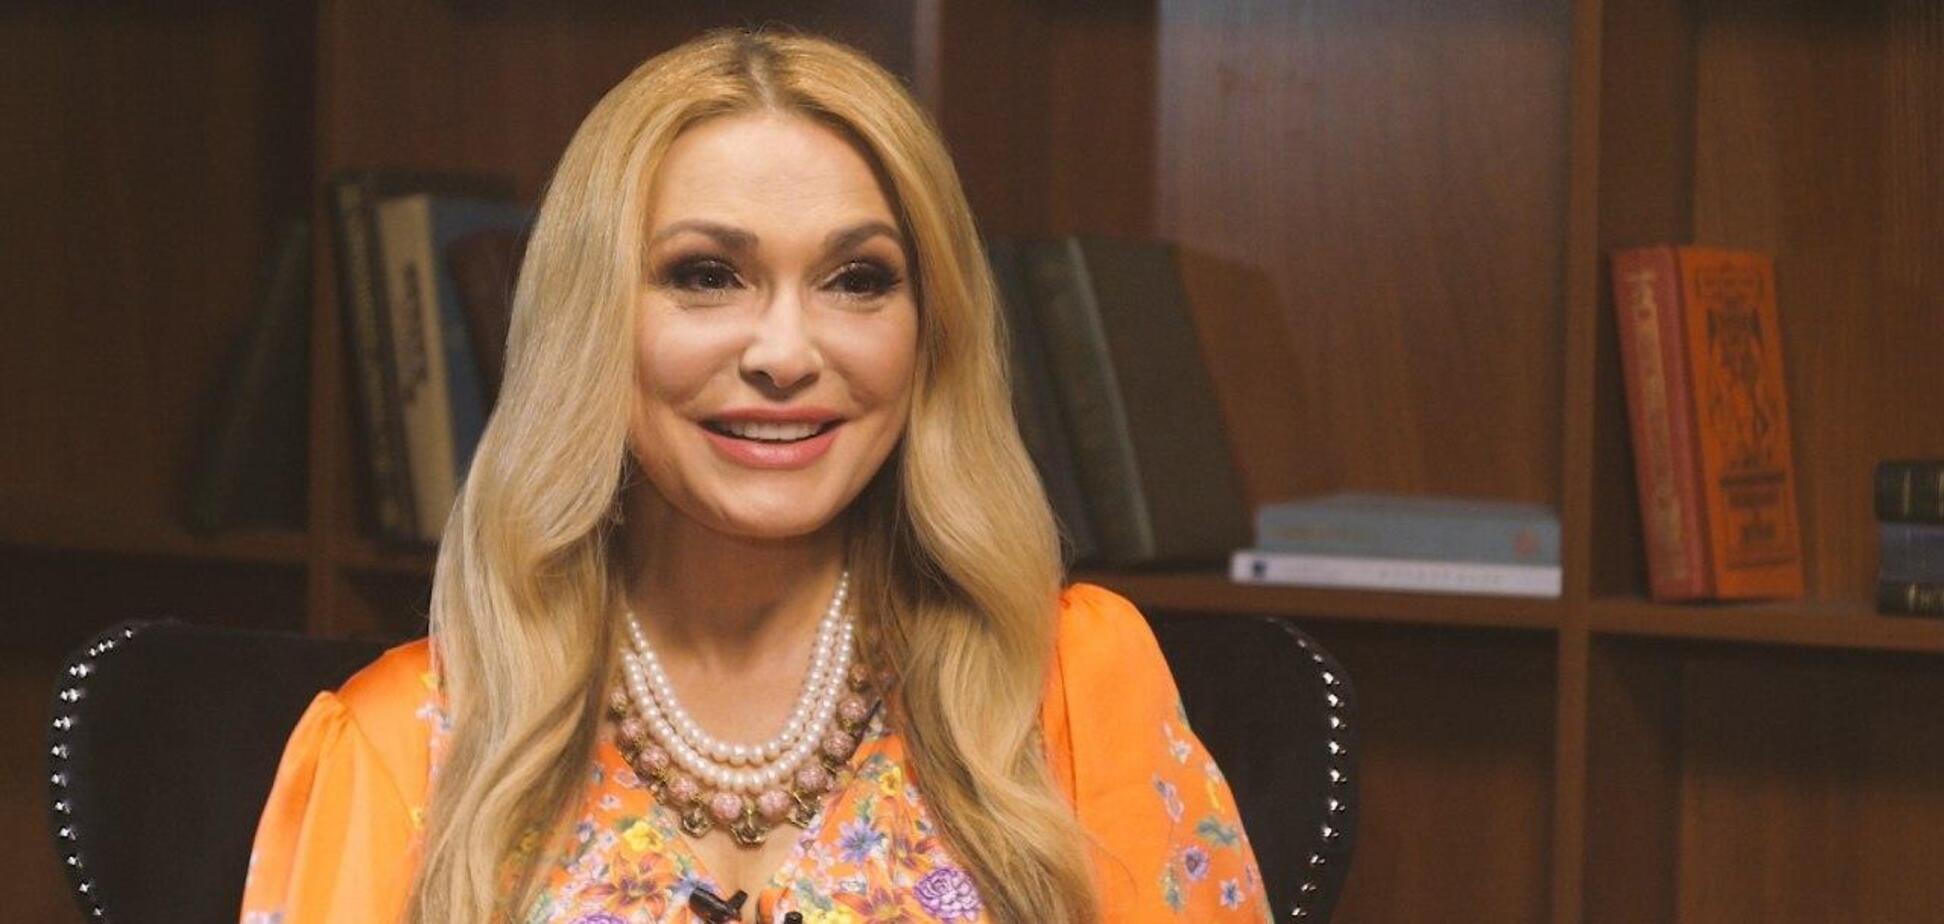 Ольга Сумська перехворіла на коронавірус і розповіла про симптоми